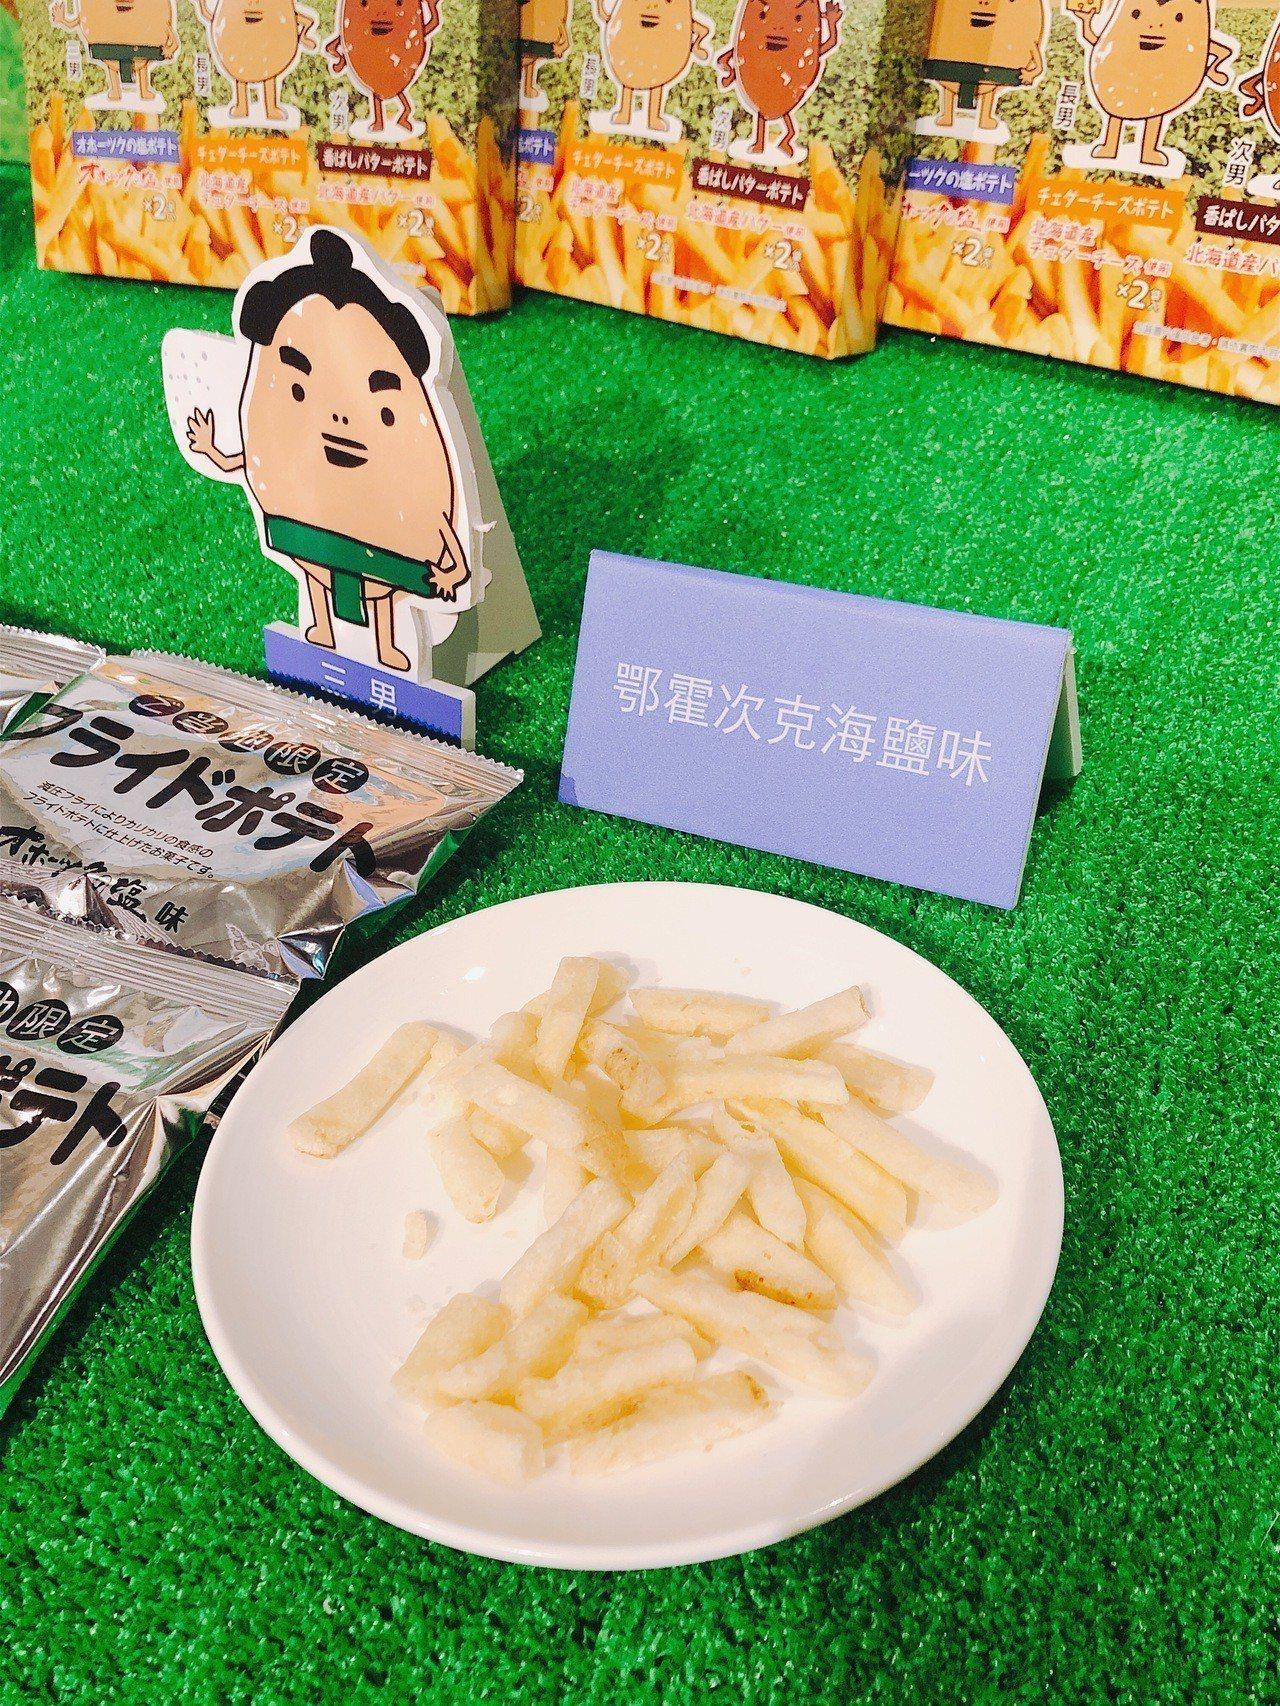 三男代表鄂霍次克海鹽味。記者黃筱晴/攝影